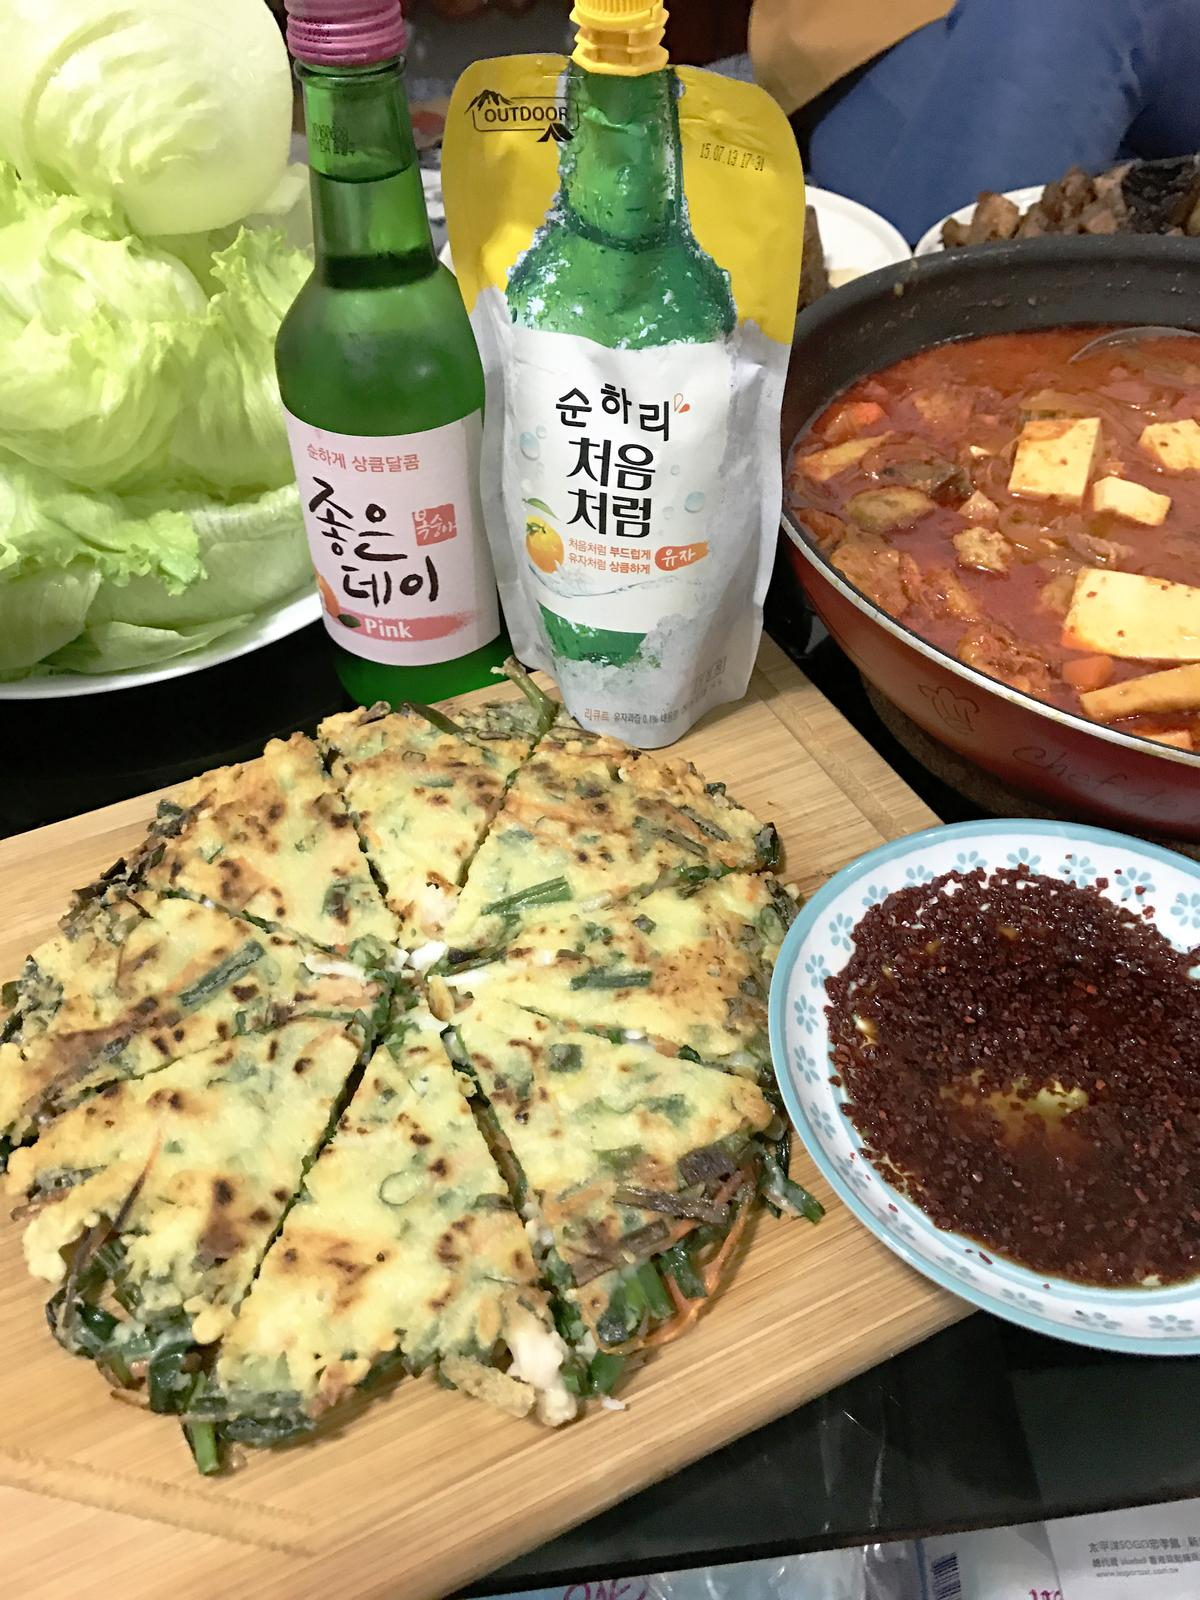 韓國蔥餅的正宗拍檔是濁酒,買不到沒關係,來杯韓國燒酒(真露)一樣讚。